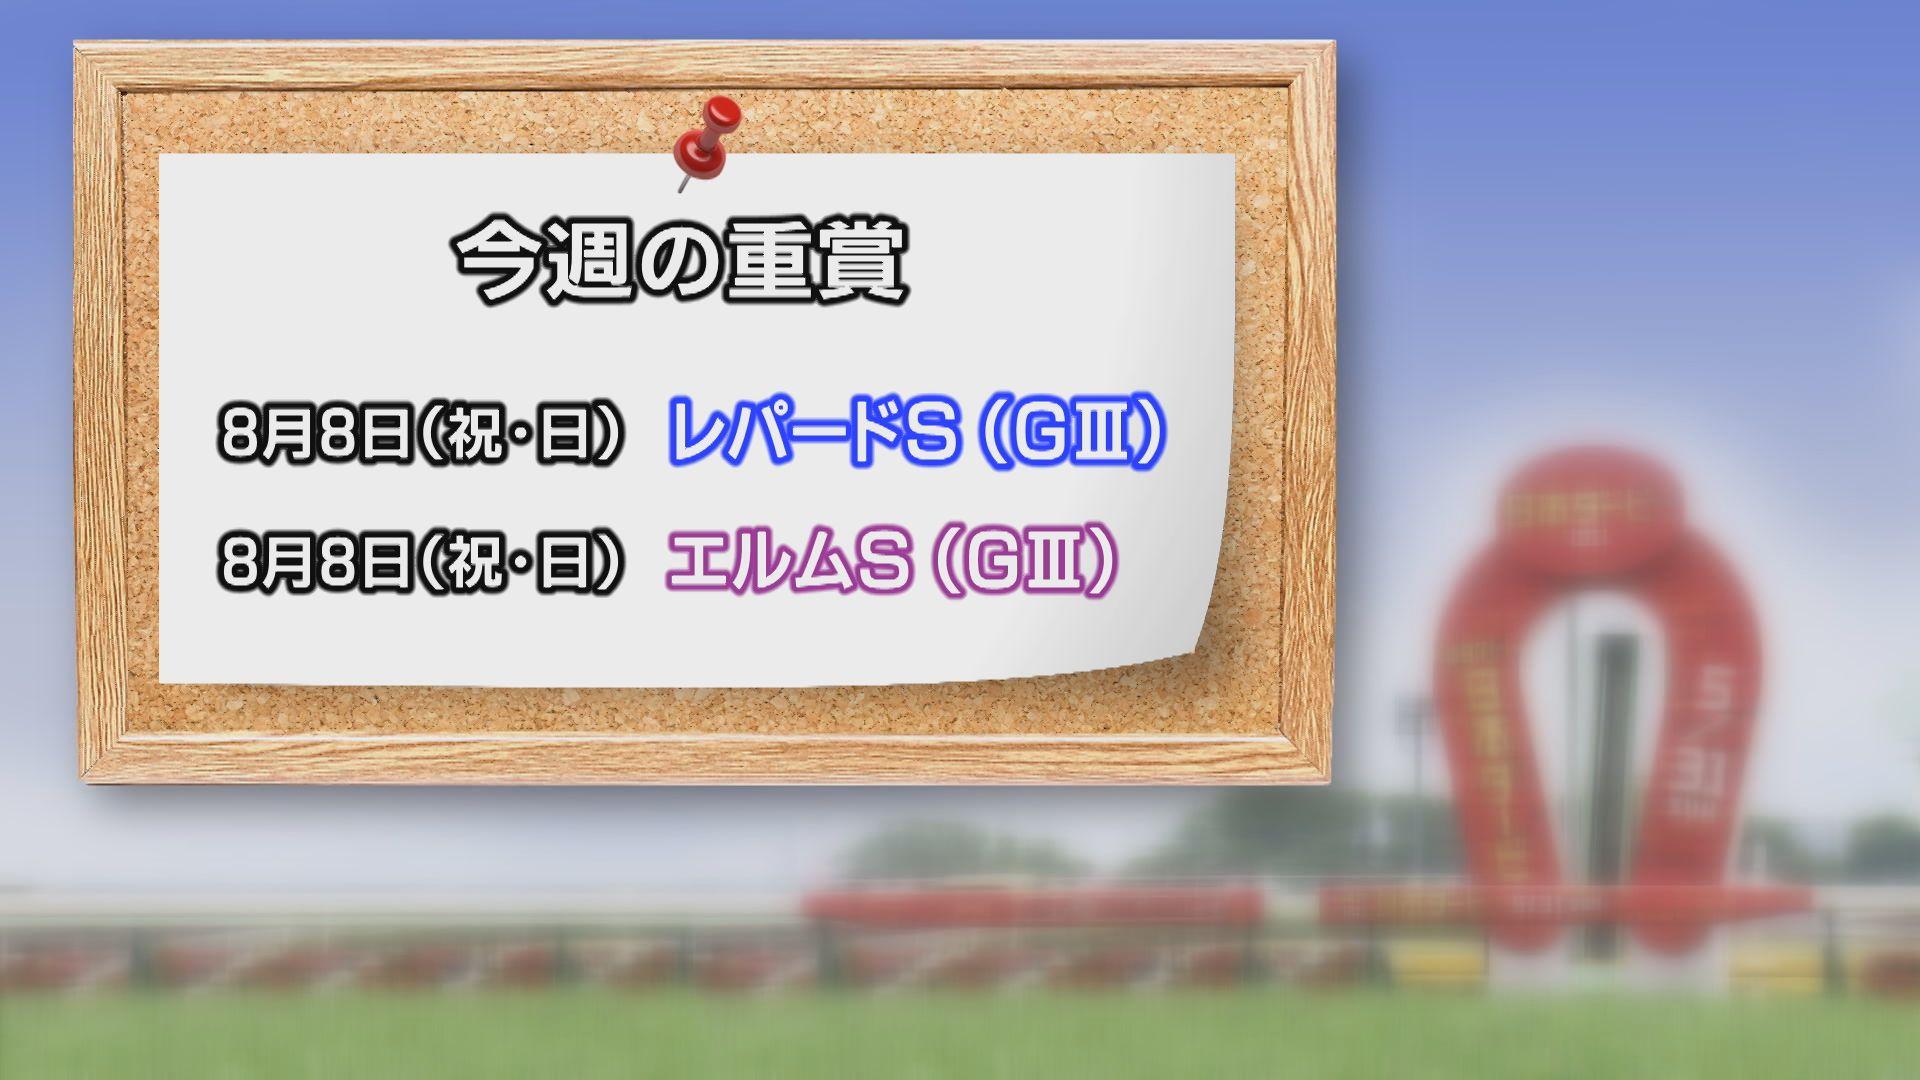 【今週の重賞インフォメーション】レパードS他 8/8(日)